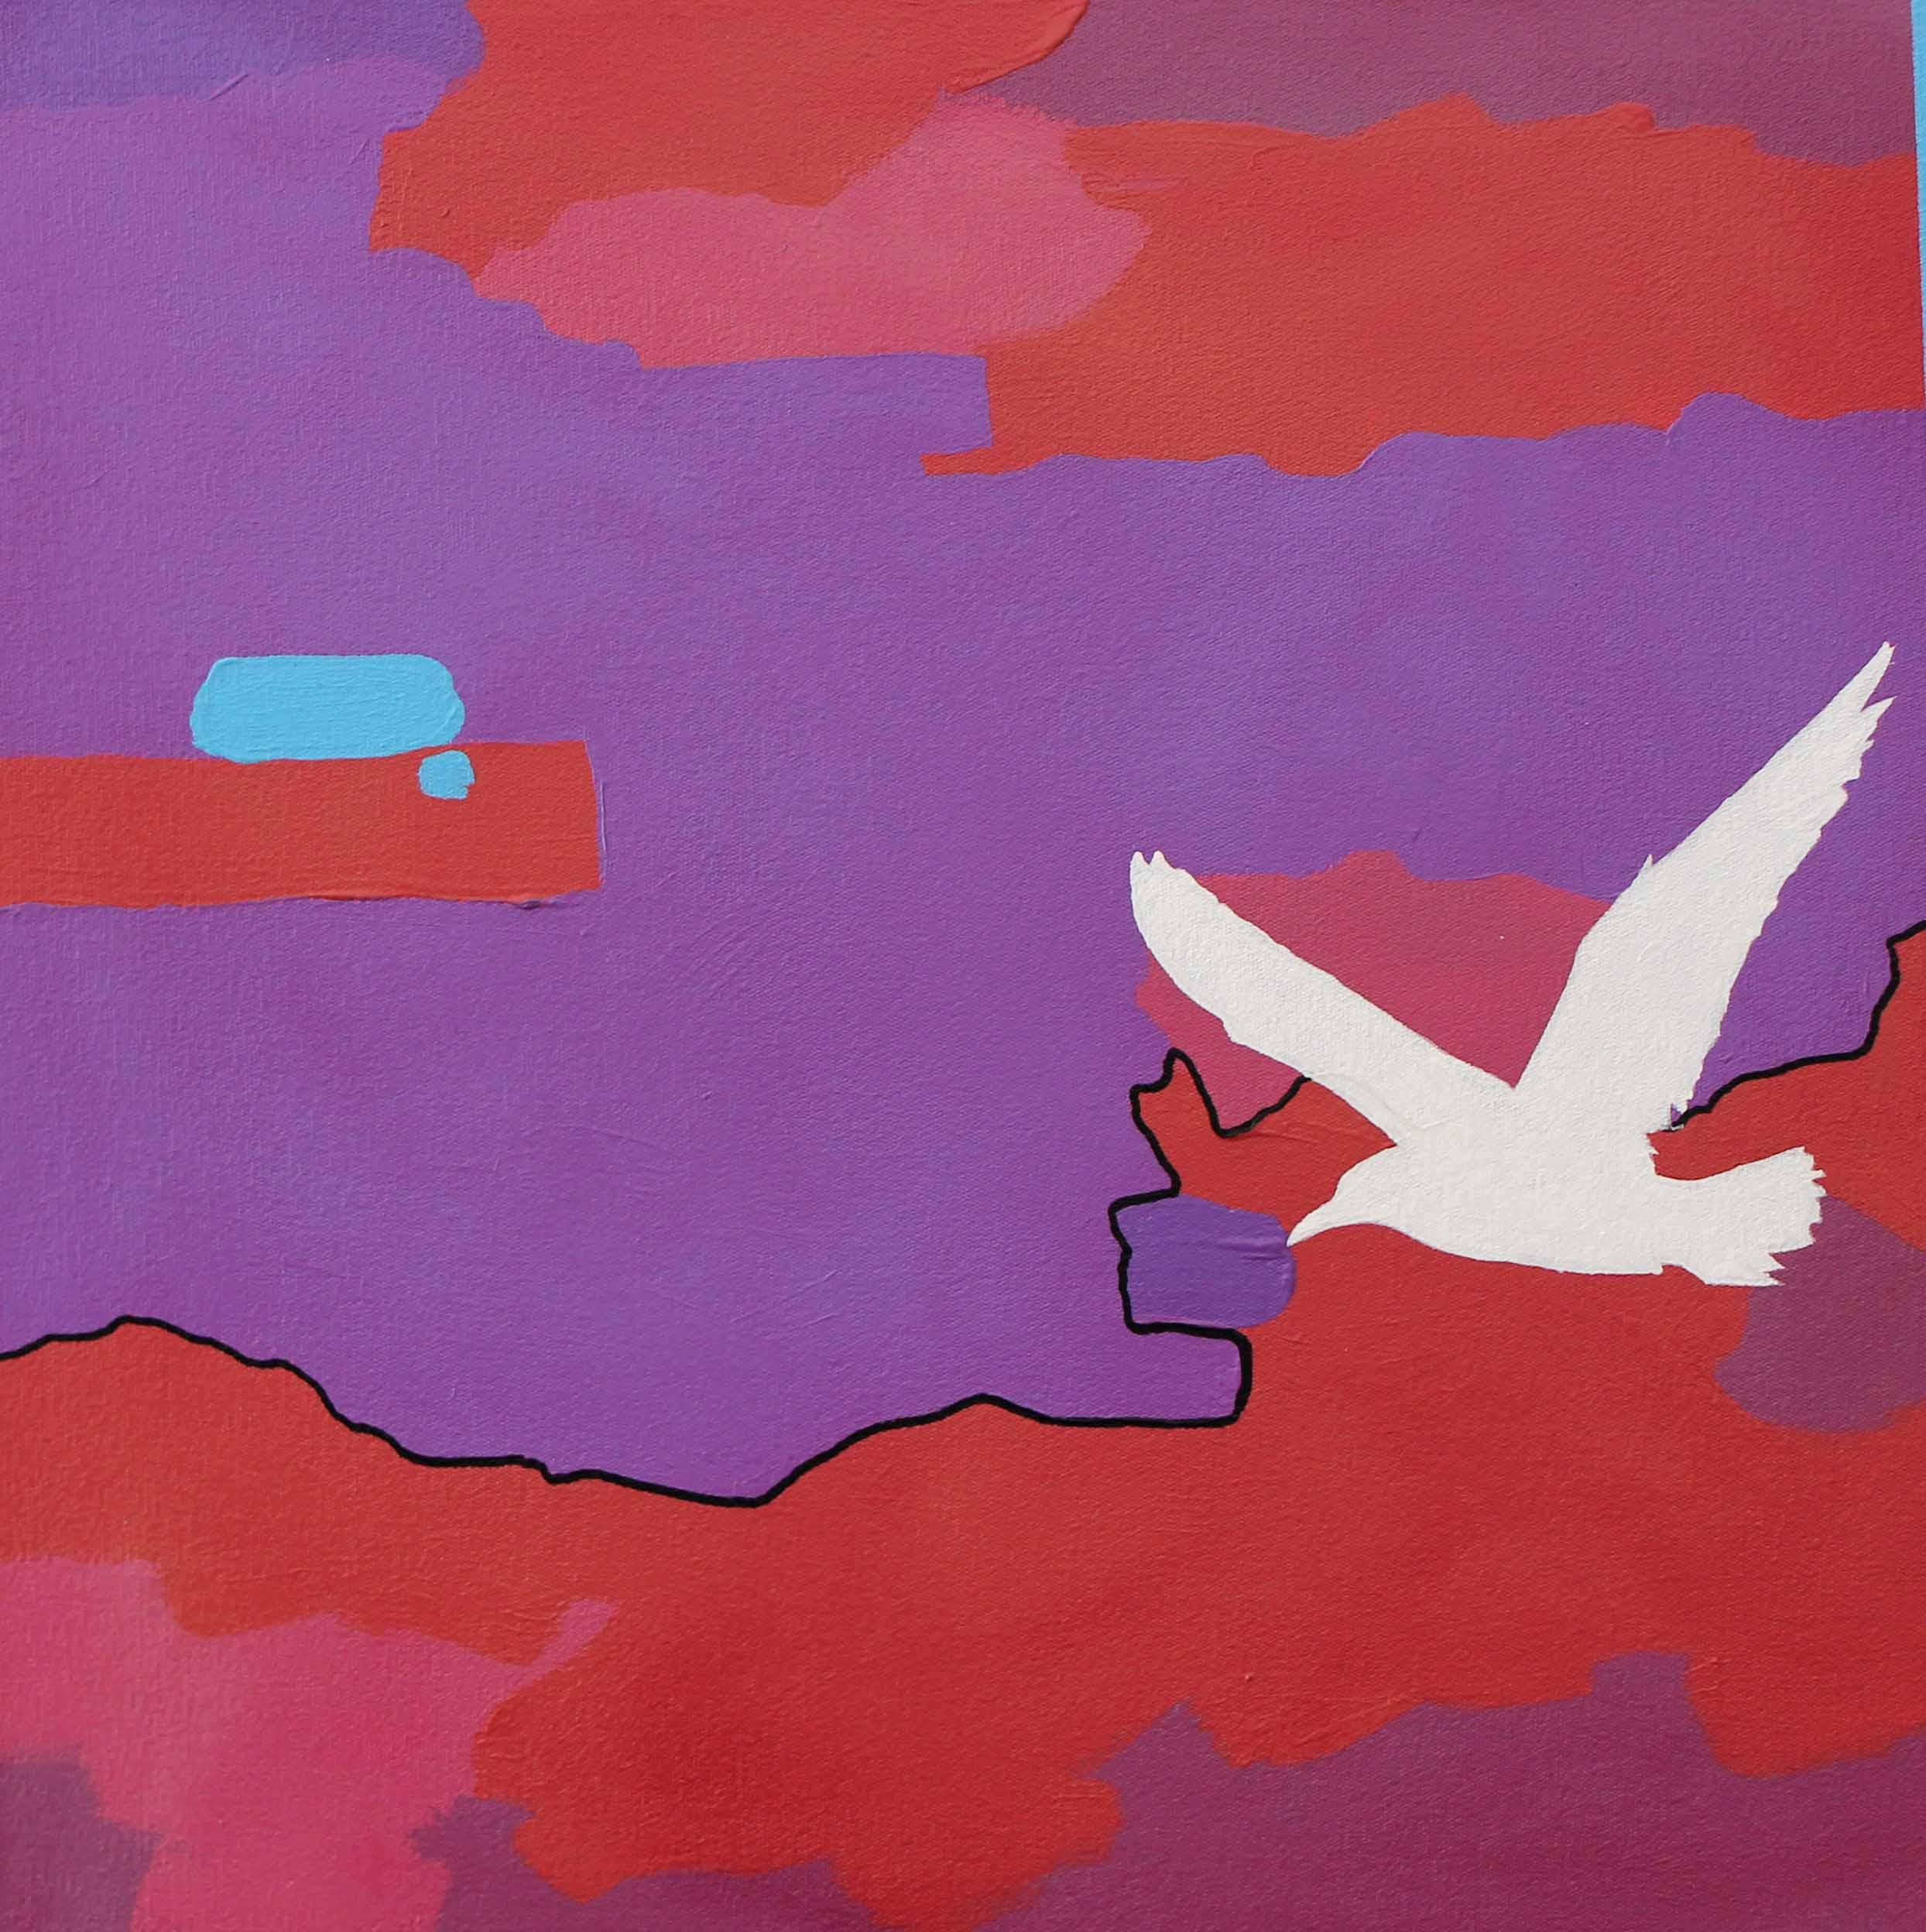 Knysna painting acrylic on canvas